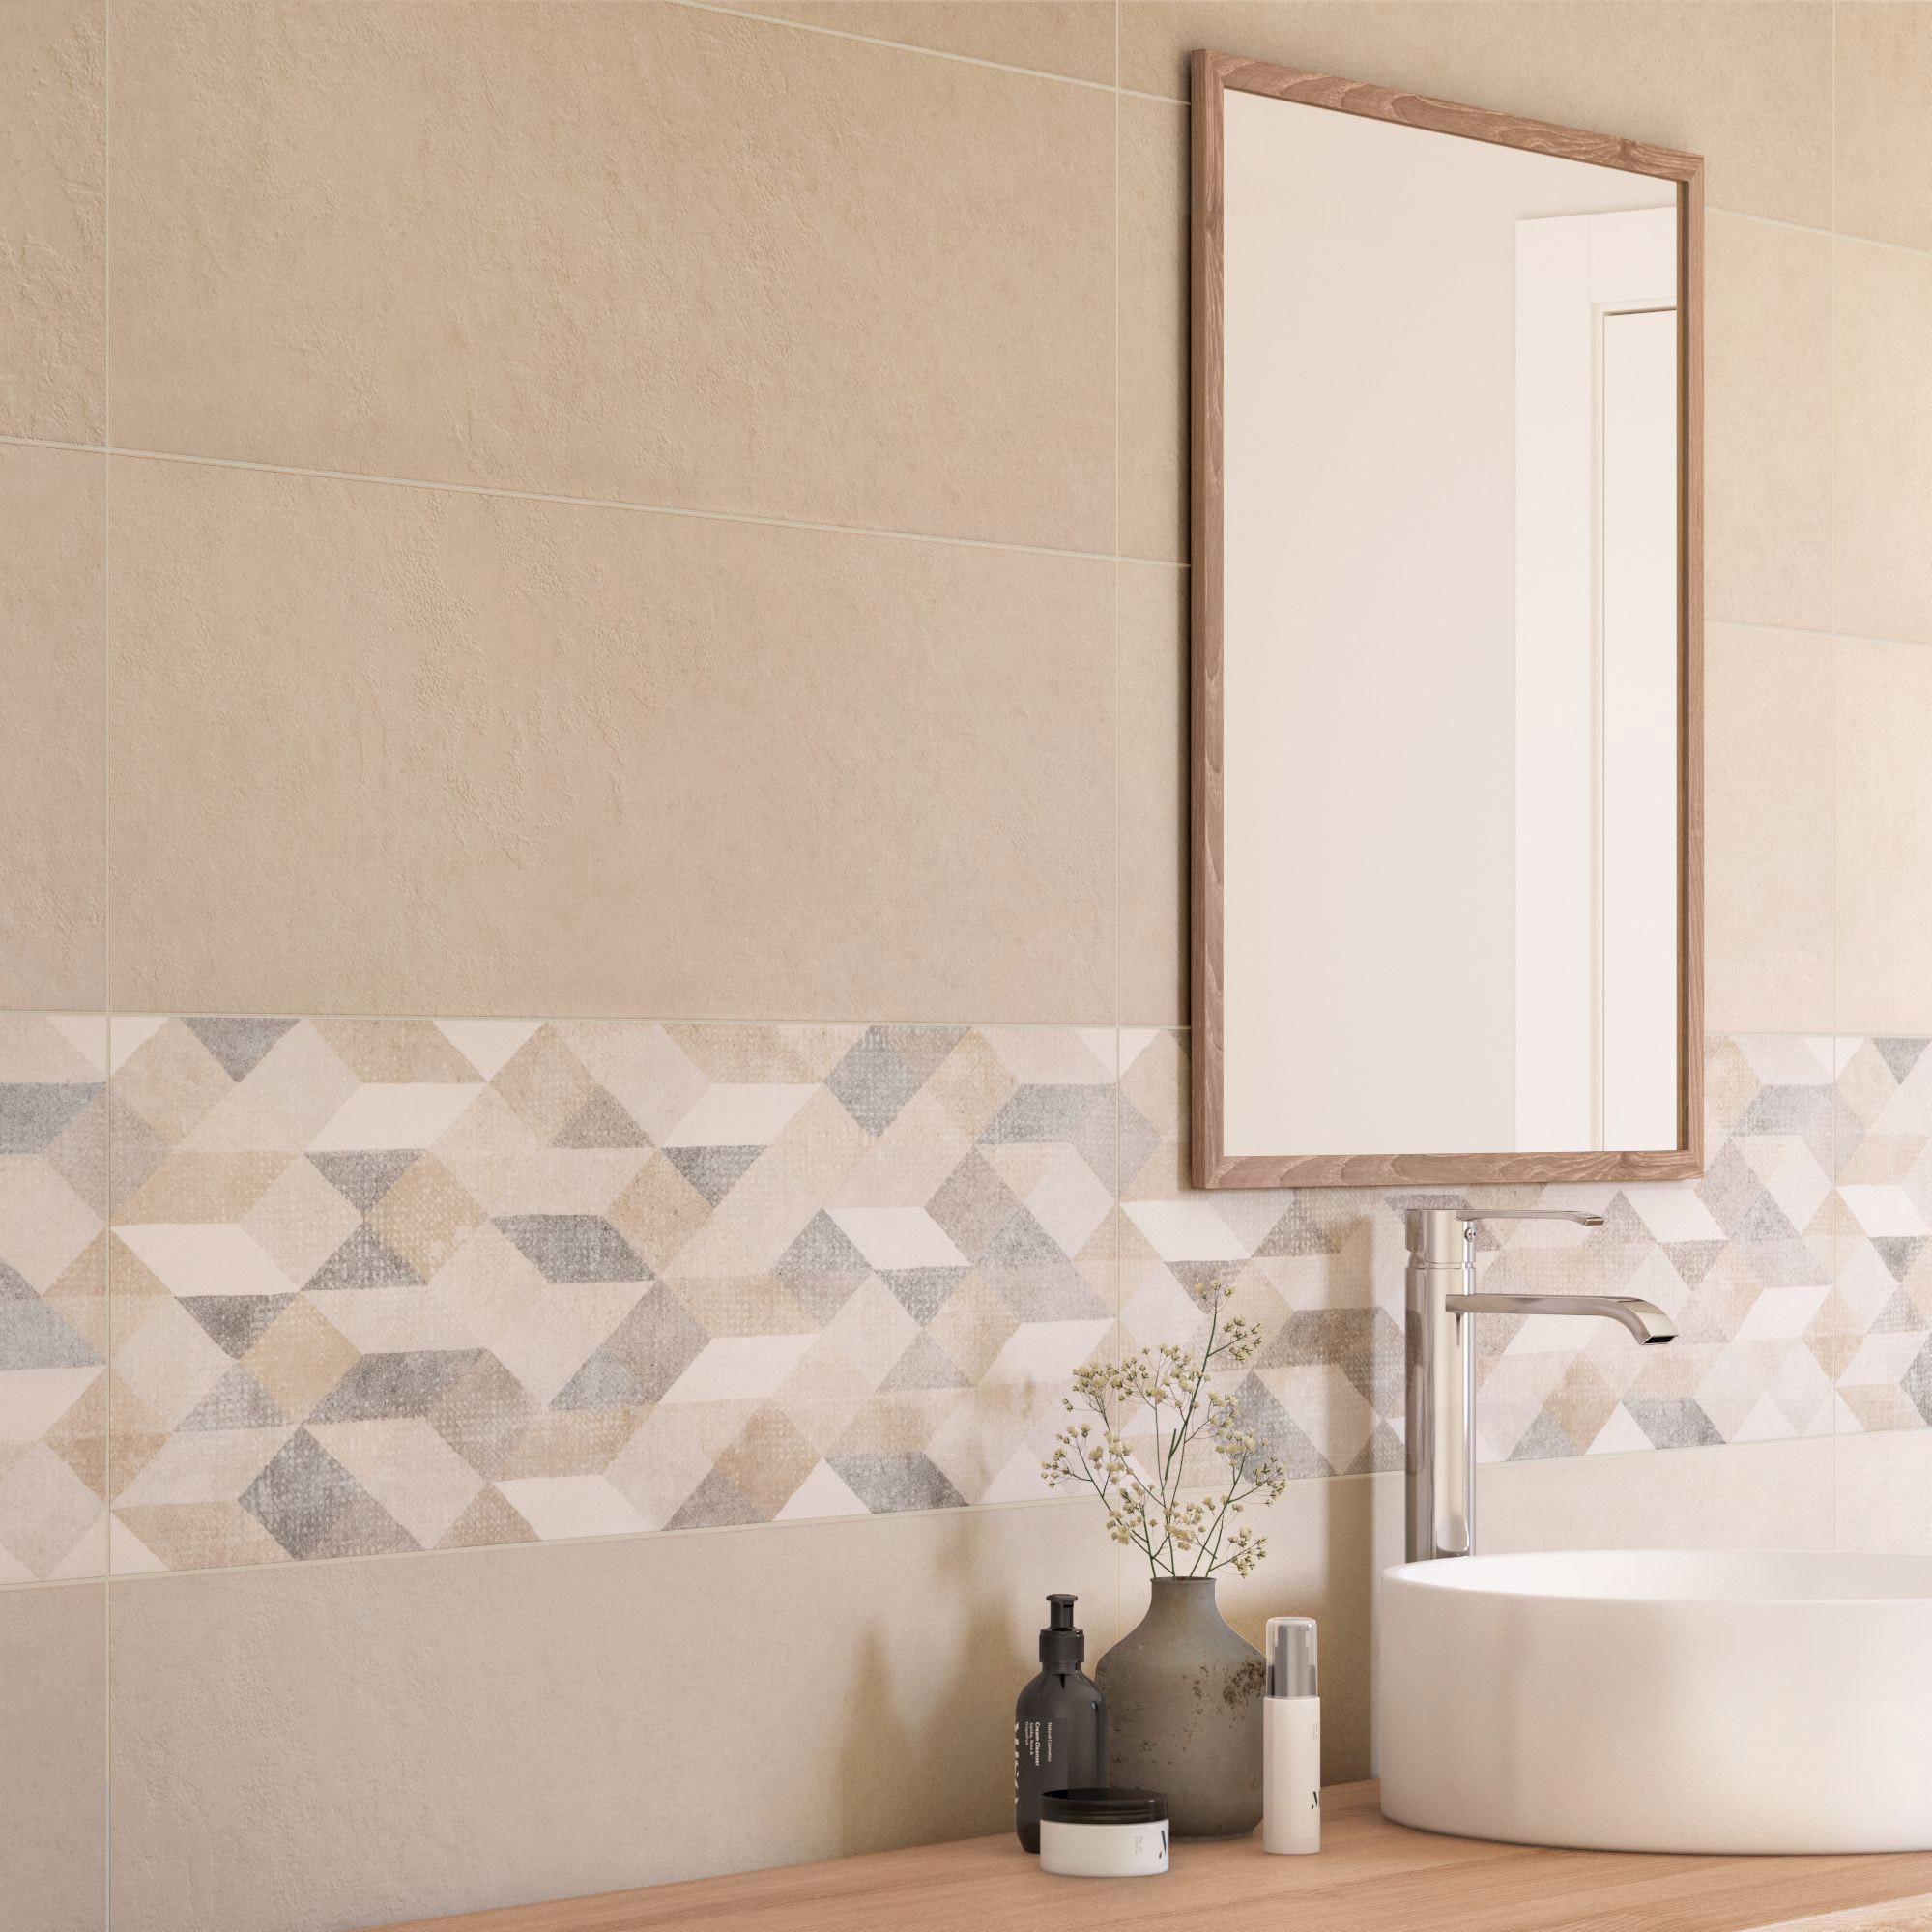 Faire Un Mur De Photos Décoration décor mur béton beige mat l.25 x l.76 cm, atelier origami for me marazzi  group